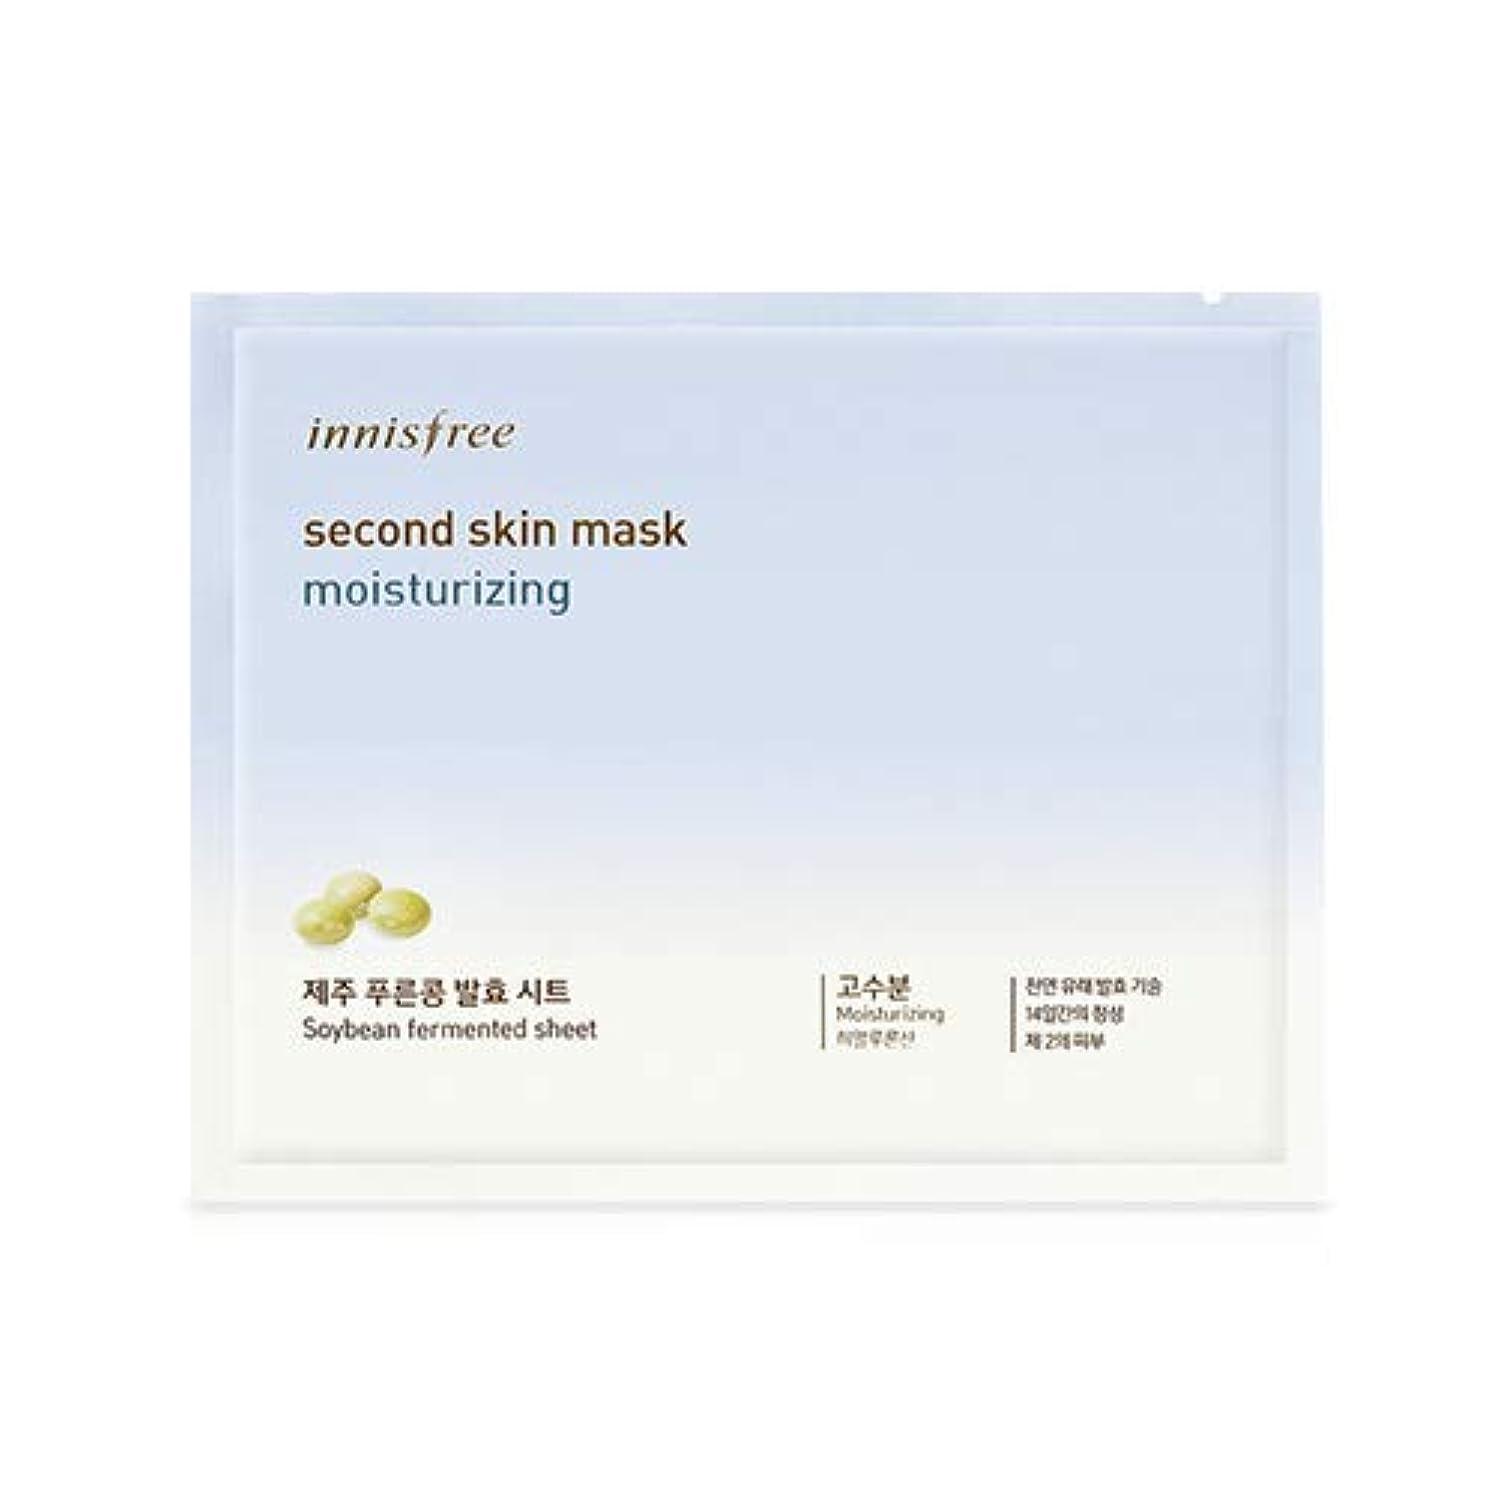 ラウンジ合理化拮抗する[Original] イニスフリーセカンドスキンマスクシート20g x 3個 - モイスチャライジング/Innisfree Second Skin Mask Sheet 20g x 3pcs - Moisturizing...